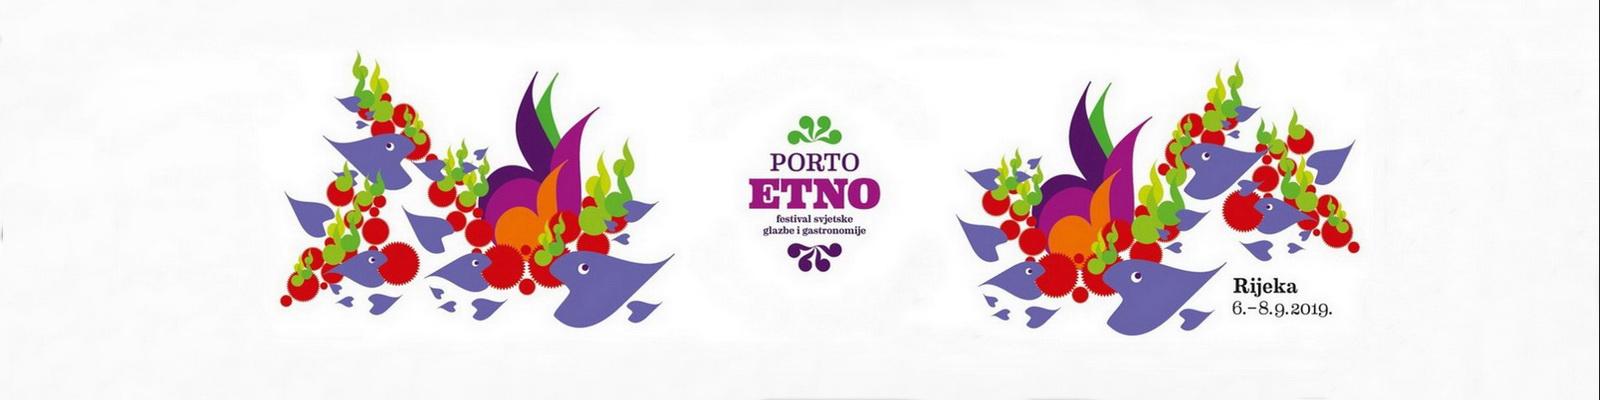 Porto Etno